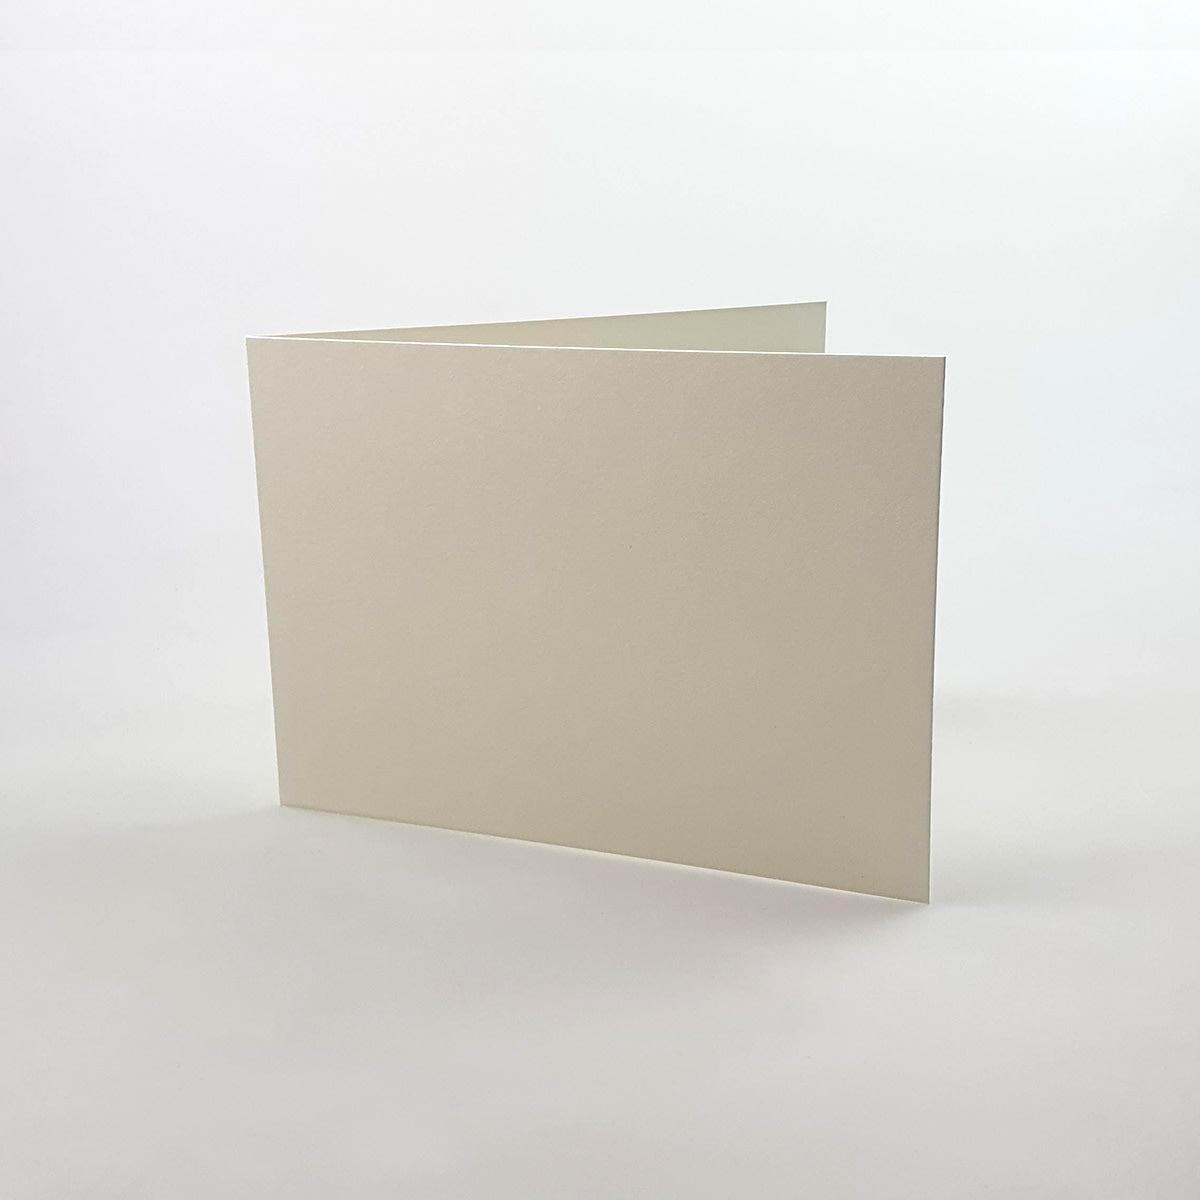 A5 IVORY FINE LINEN SINGLE FOLD CARD BLANKS 300GSM (LANDSCAPE)